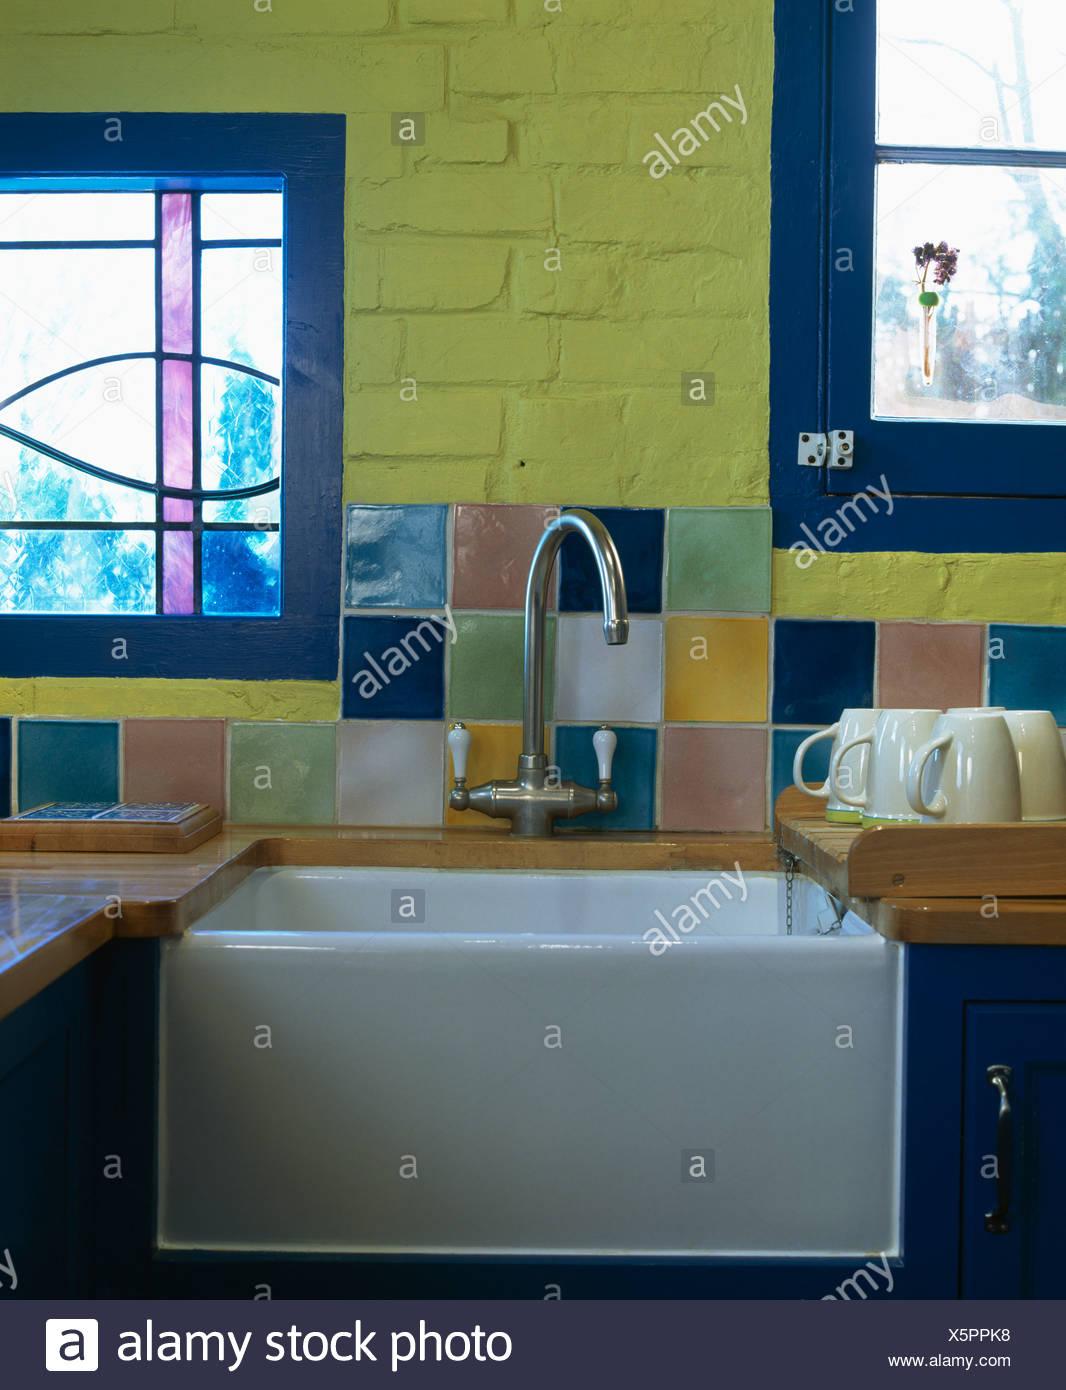 Nahaufnahme Von Bunten Fliesen An Wand über Stahl Mischbatterie Und - Bunte fliesen küche